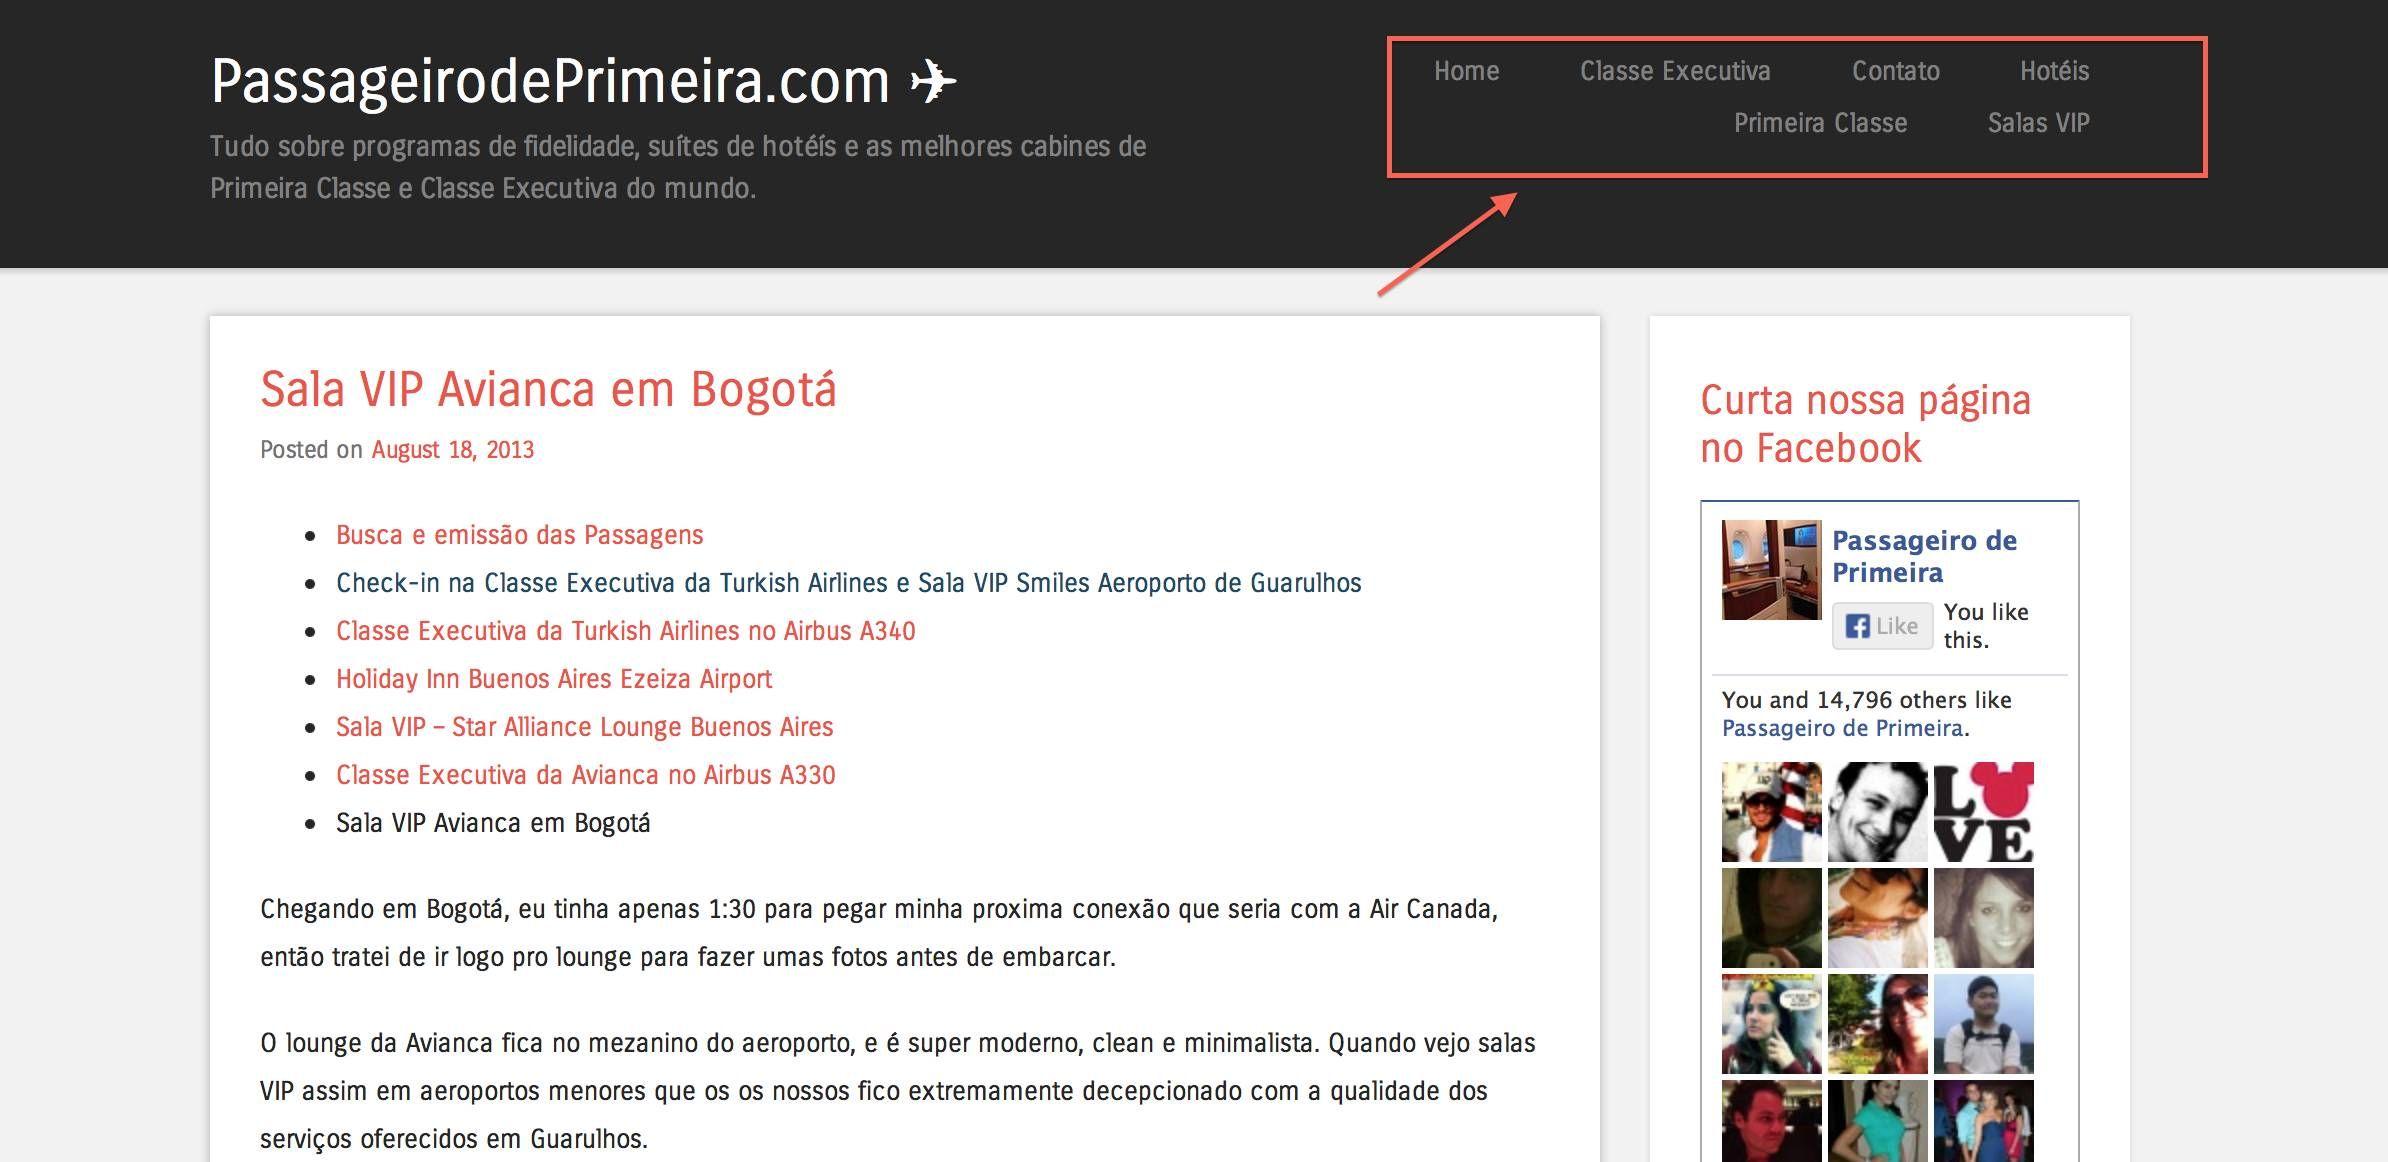 Melhorias no layout do PassageirodePrimeira.com